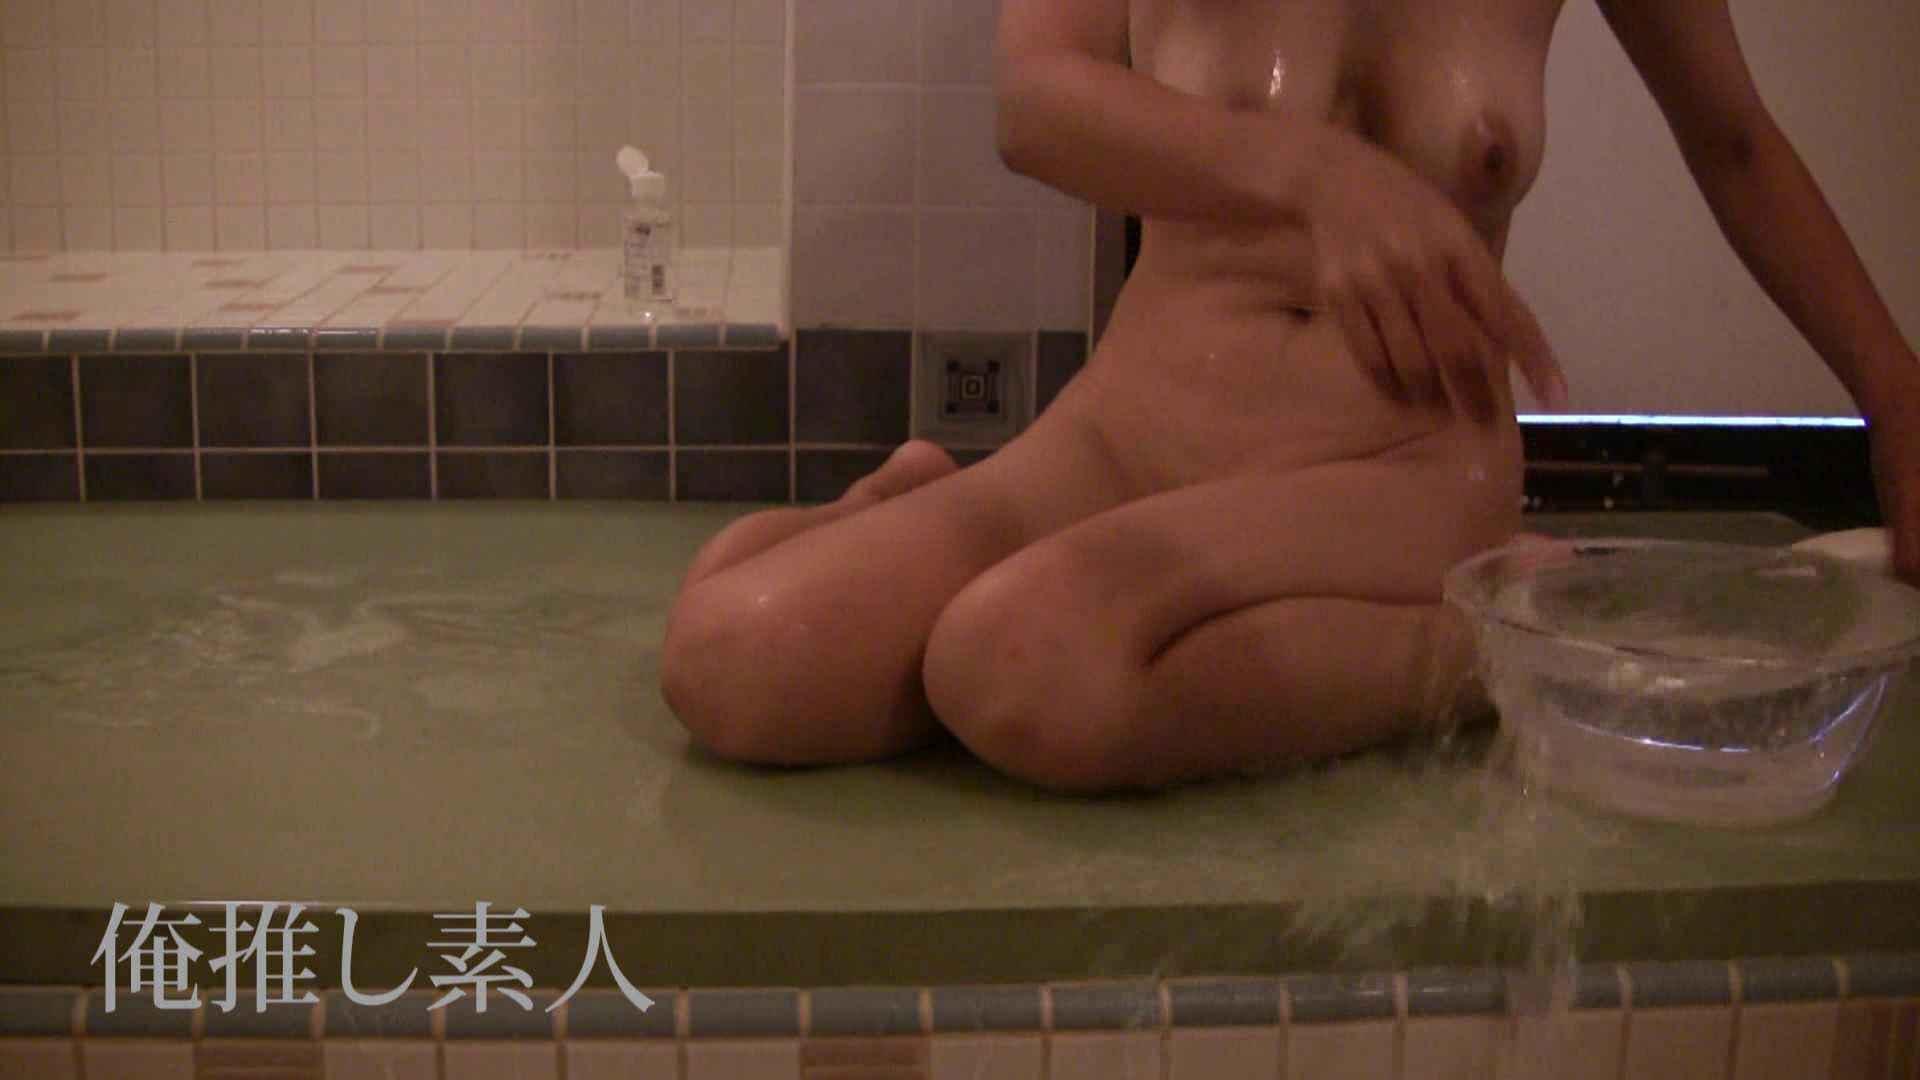 俺推し素人 30代人妻熟女キャバ嬢雫Vol.02 キャバ嬢 | エッチすぎる熟女  33連発 25